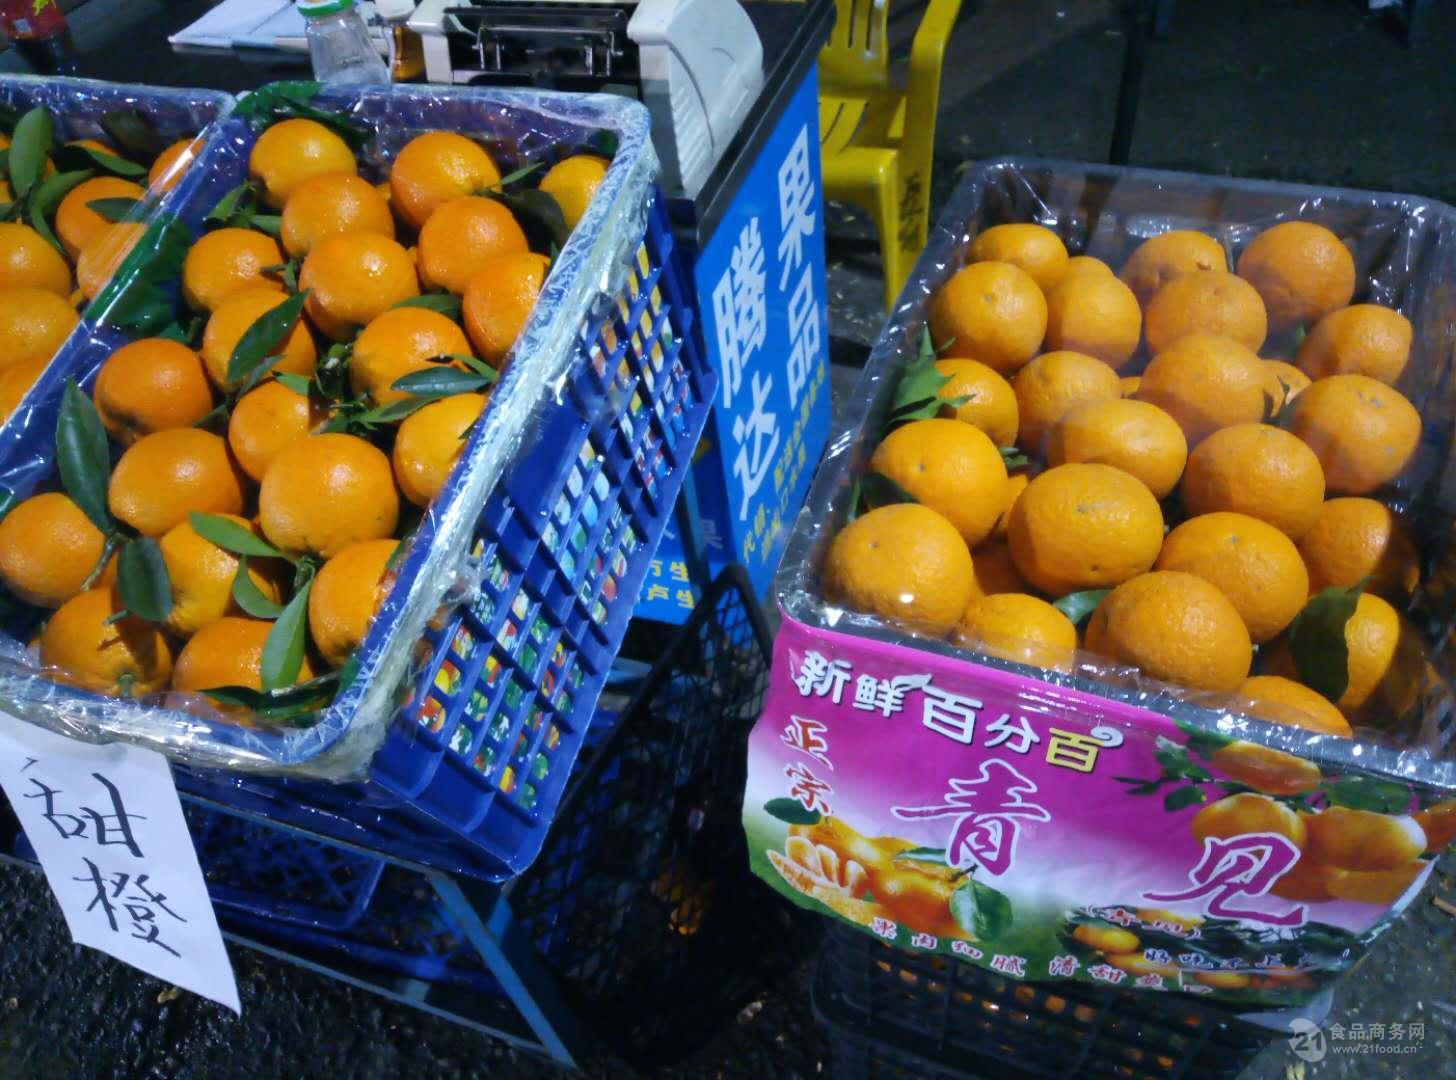 廣州江南水果批發市場代賣